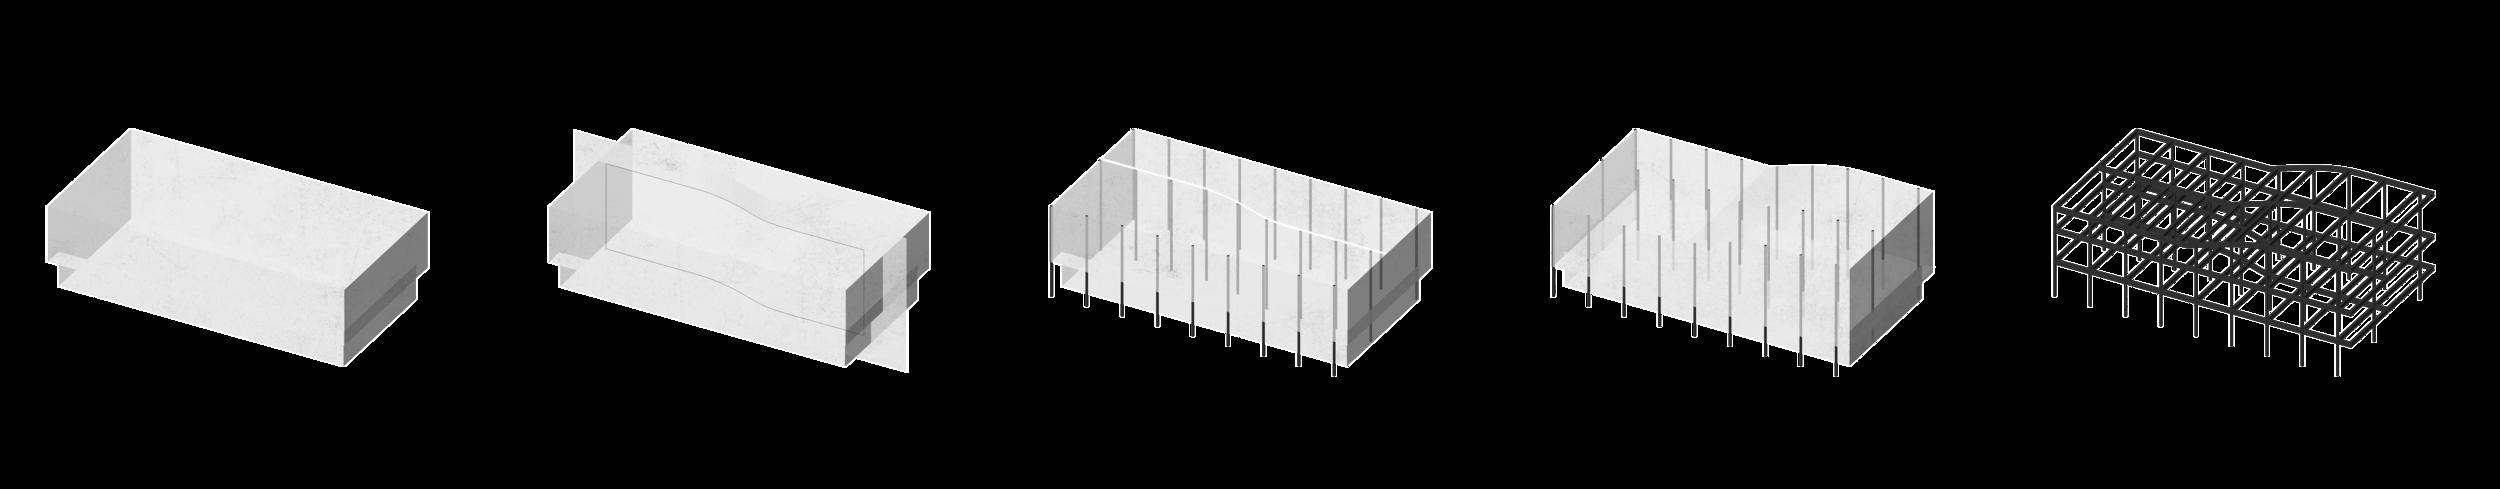 diagram 2 2.0.png